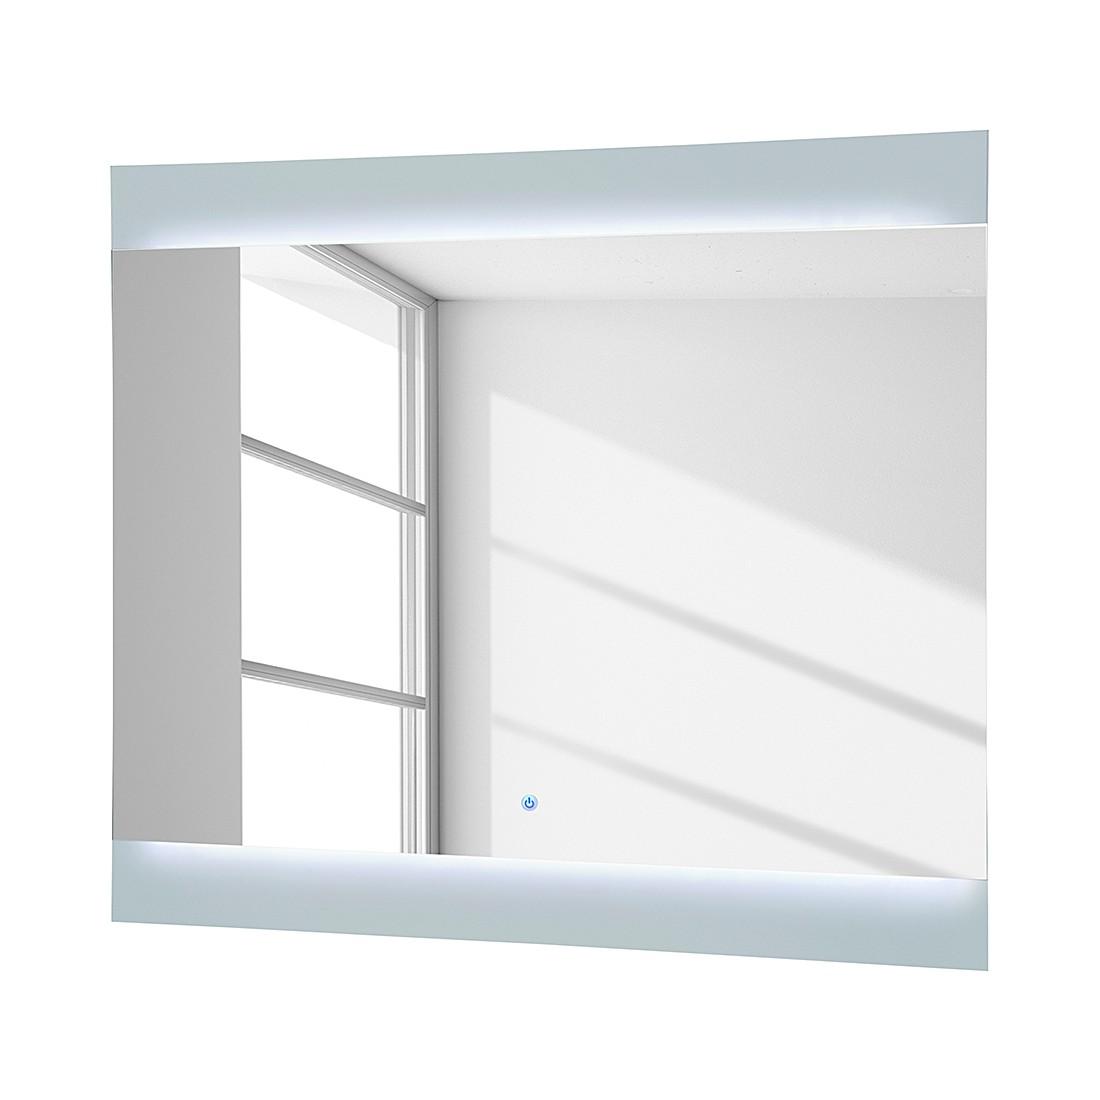 Wandspiegel Piuro – 80 cm, Fackelmann günstig kaufen